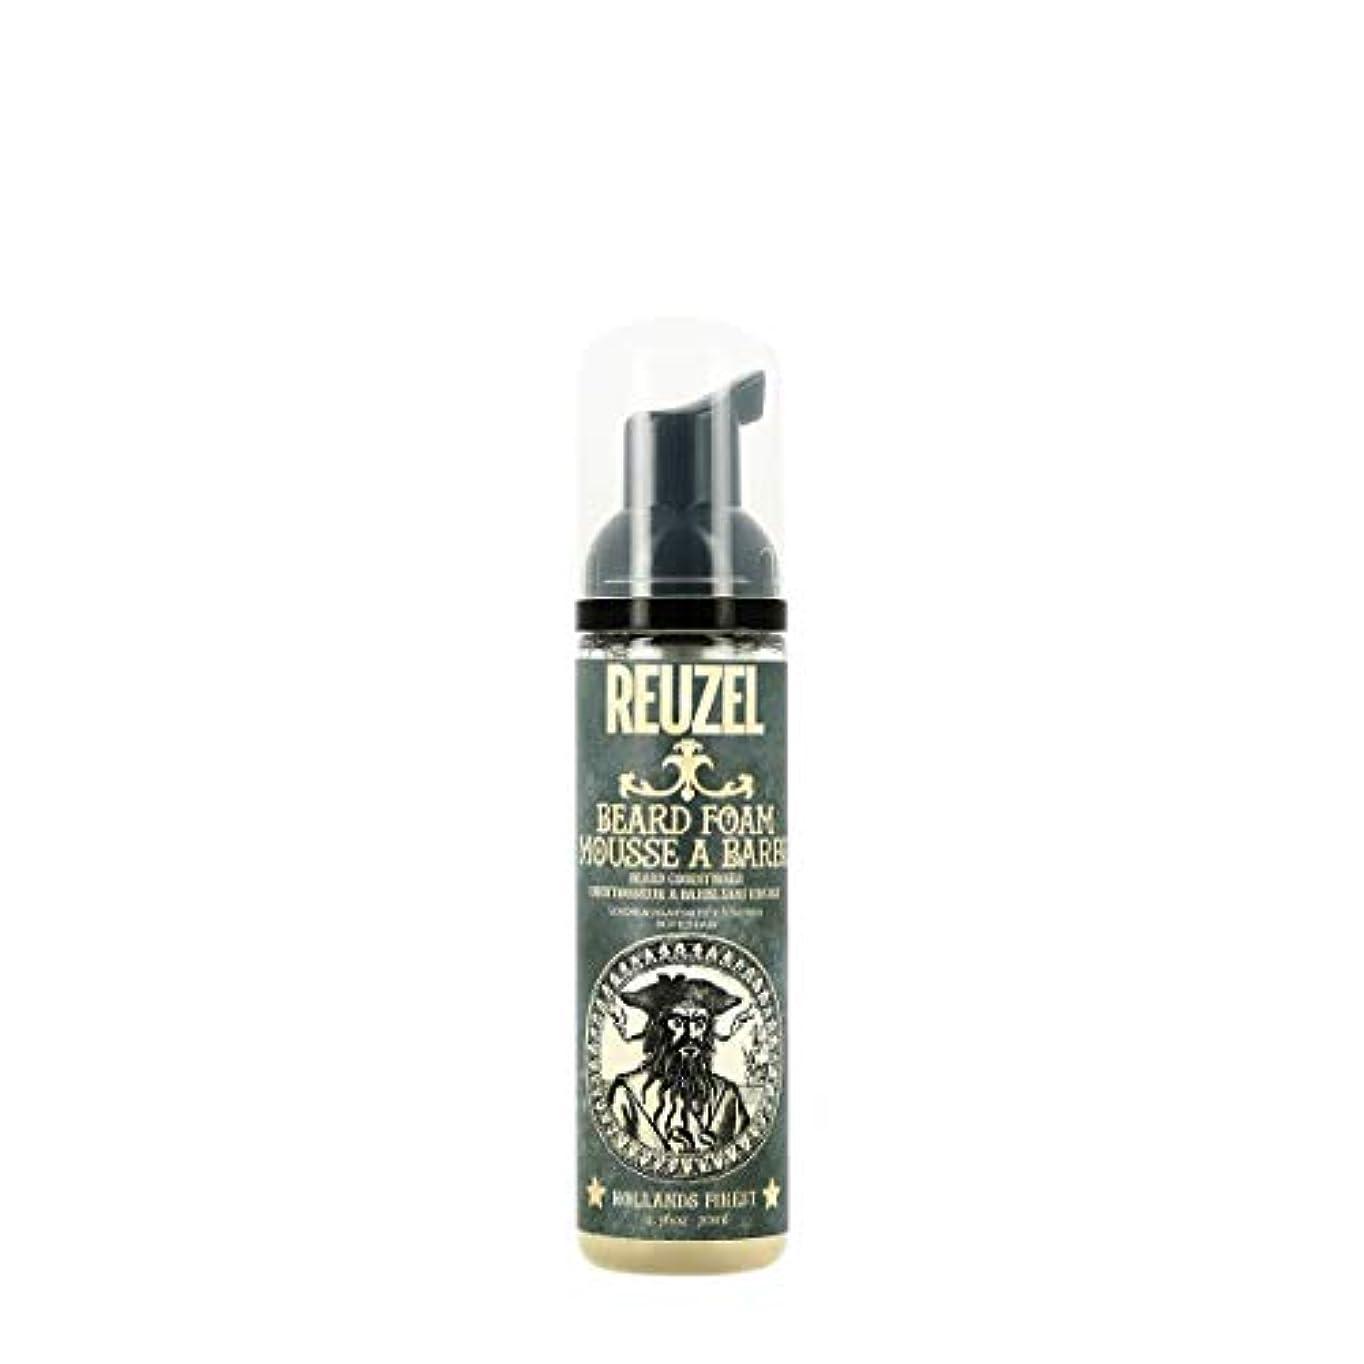 内向き虫を数える溶けたルーゾー Reuzel Beard Foam - Beard Conditioner 70 ml [並行輸入品]